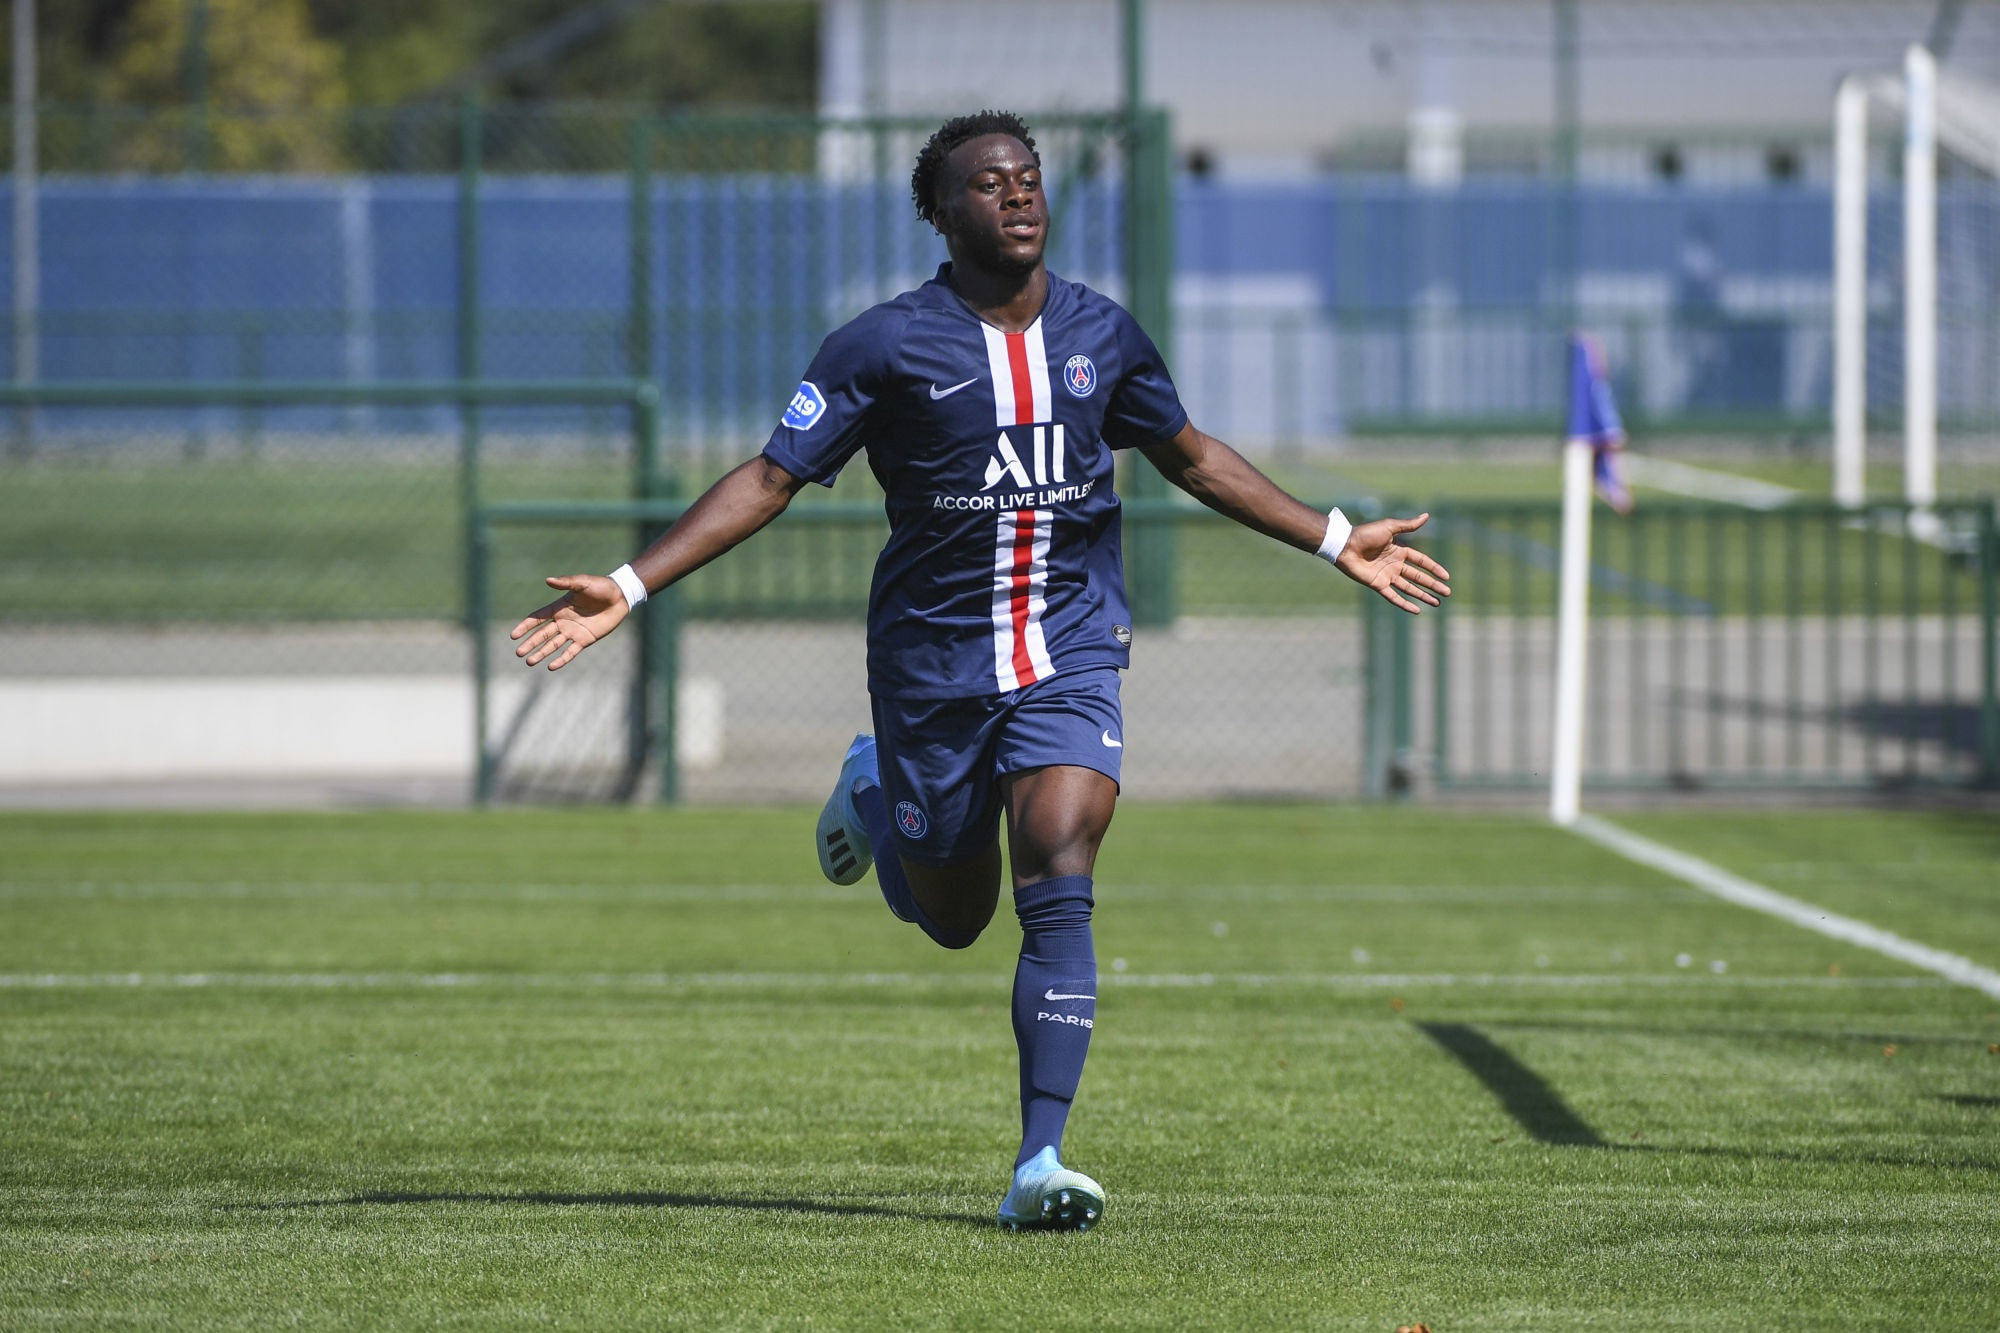 """Le Havre/PSG - Kalimuendo savoure son premier but en professionnel """"énormément de fierté"""""""